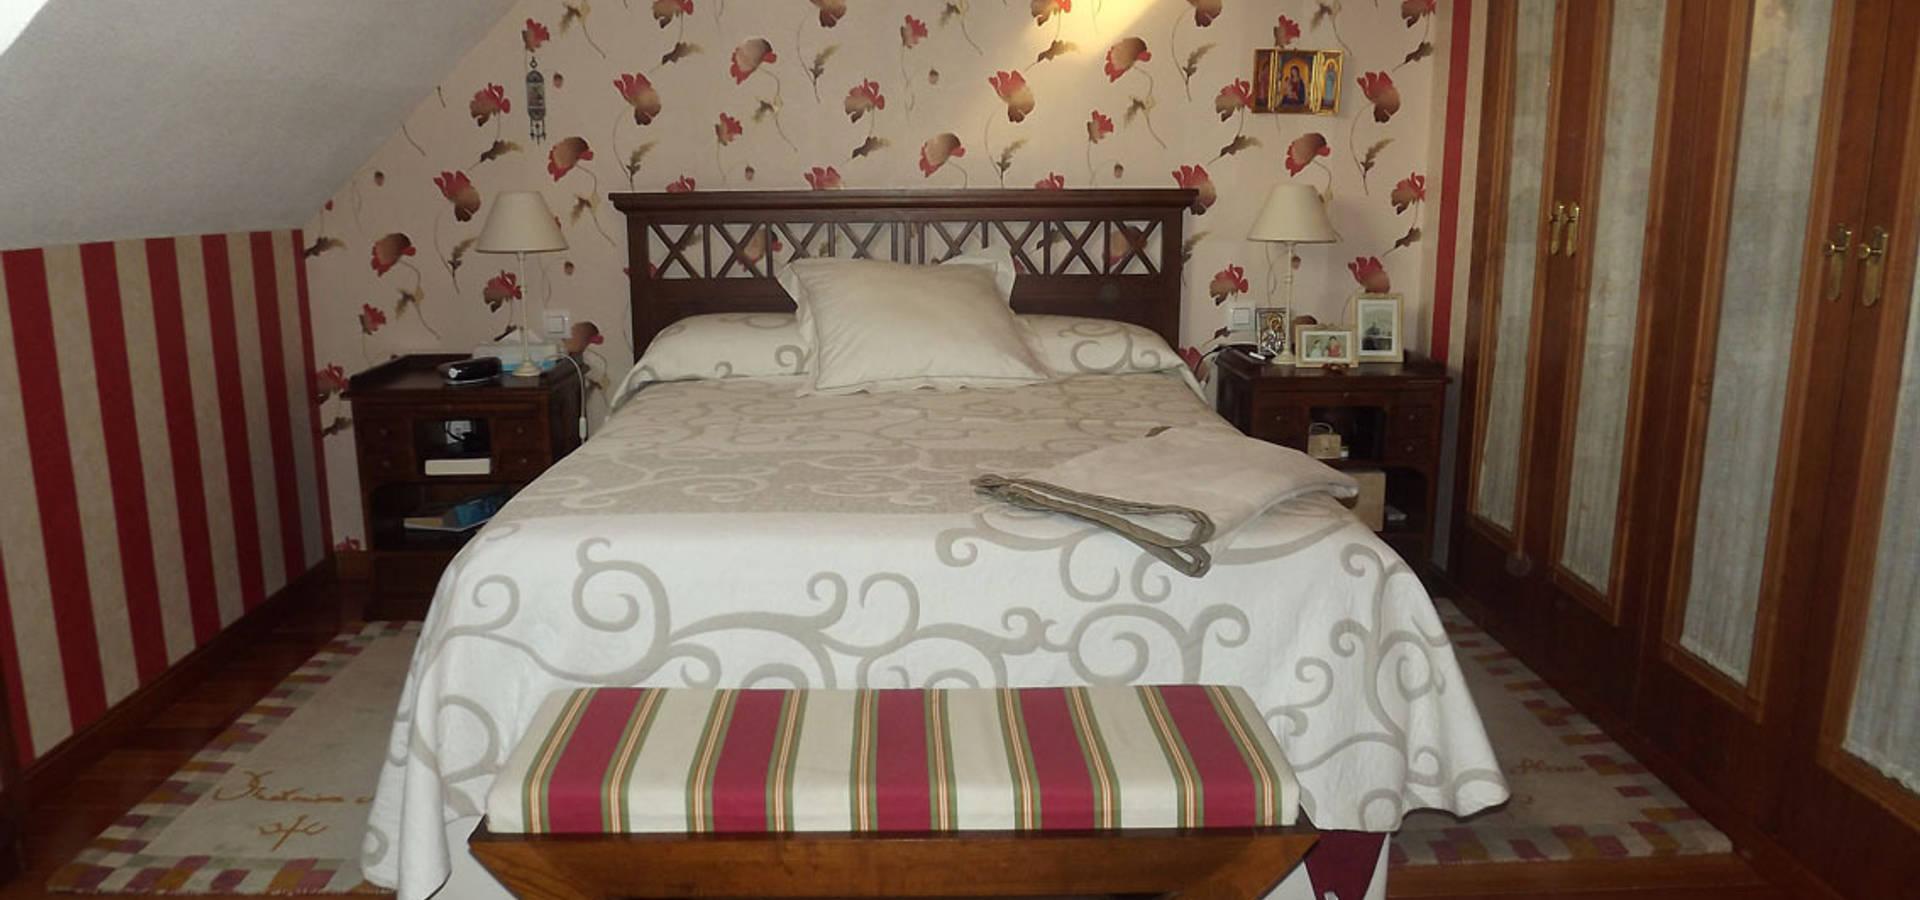 Decoradores interiores madrid elegant decoradores interiores madrid with decoradores interiores - Decoradores de interiores en madrid ...